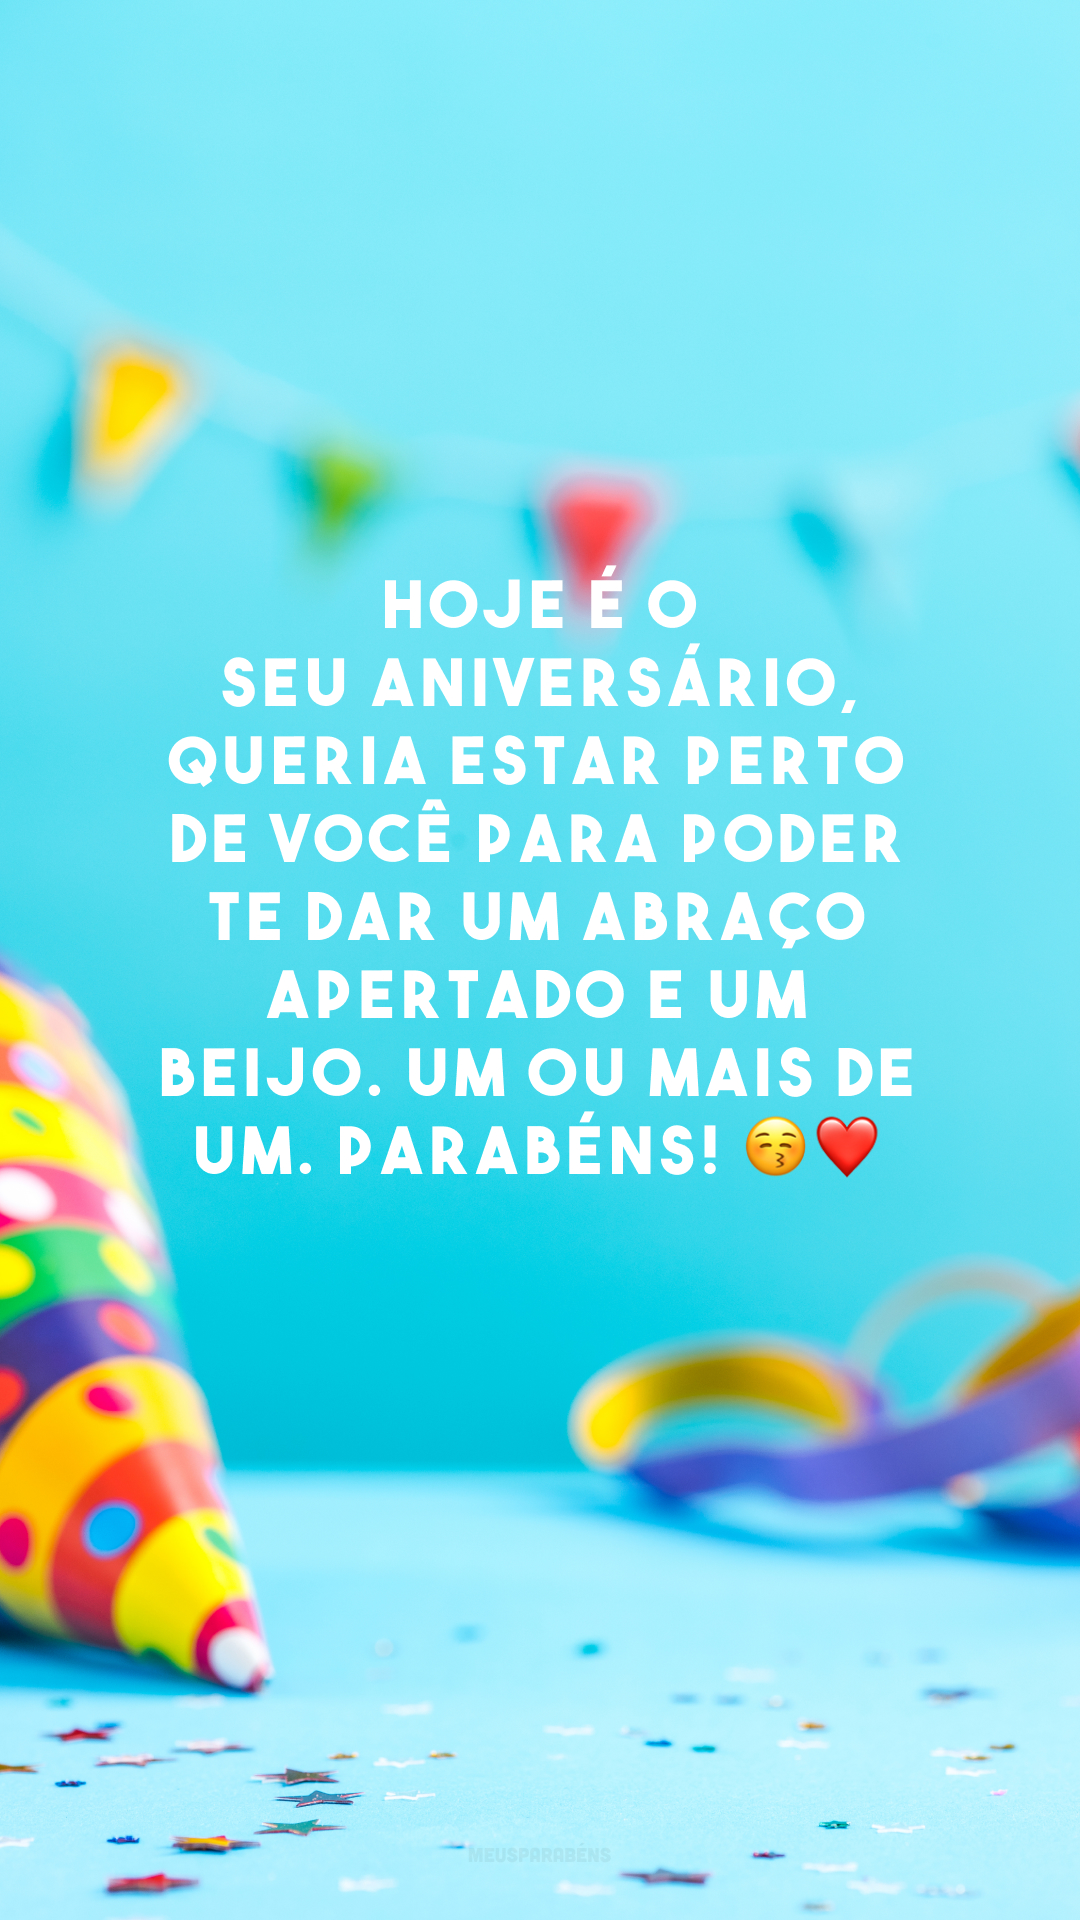 Hoje é o seu aniversário, queria estar perto de você para poder te dar um abraço apertado e um beijo. Um ou mais de um. Parabéns! 😚❤️